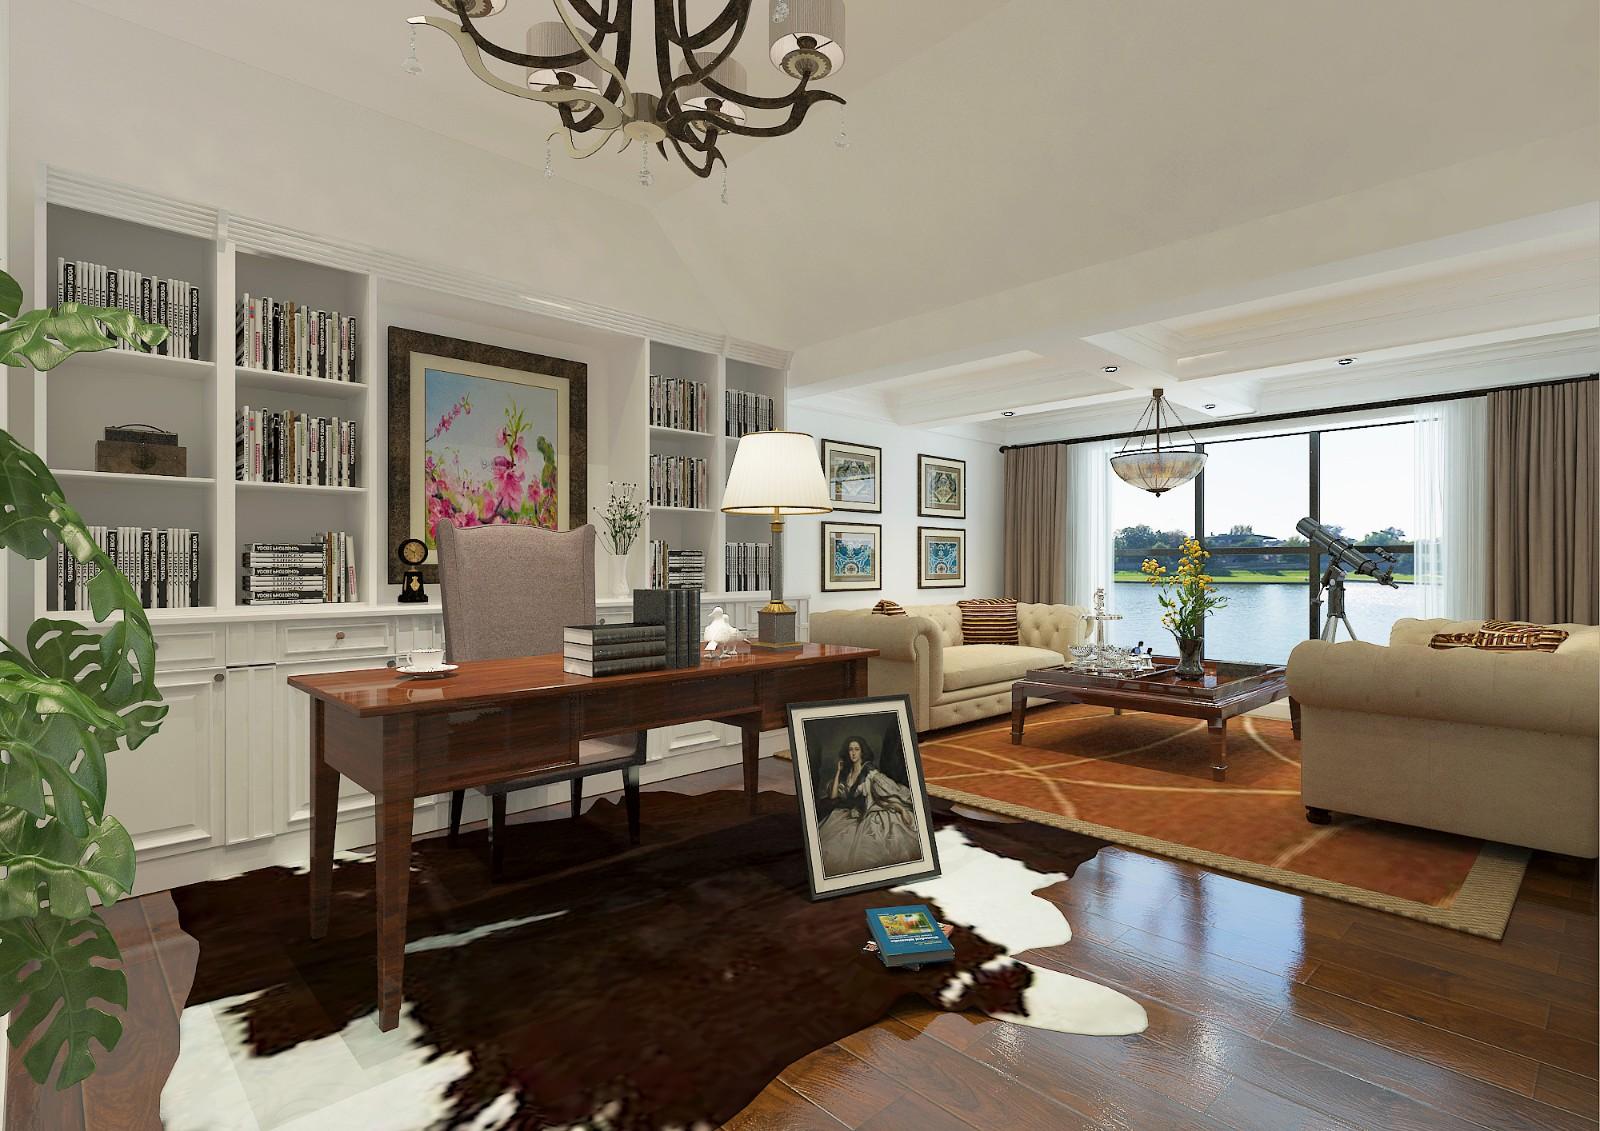 5室3卫3厅190平米美式风格